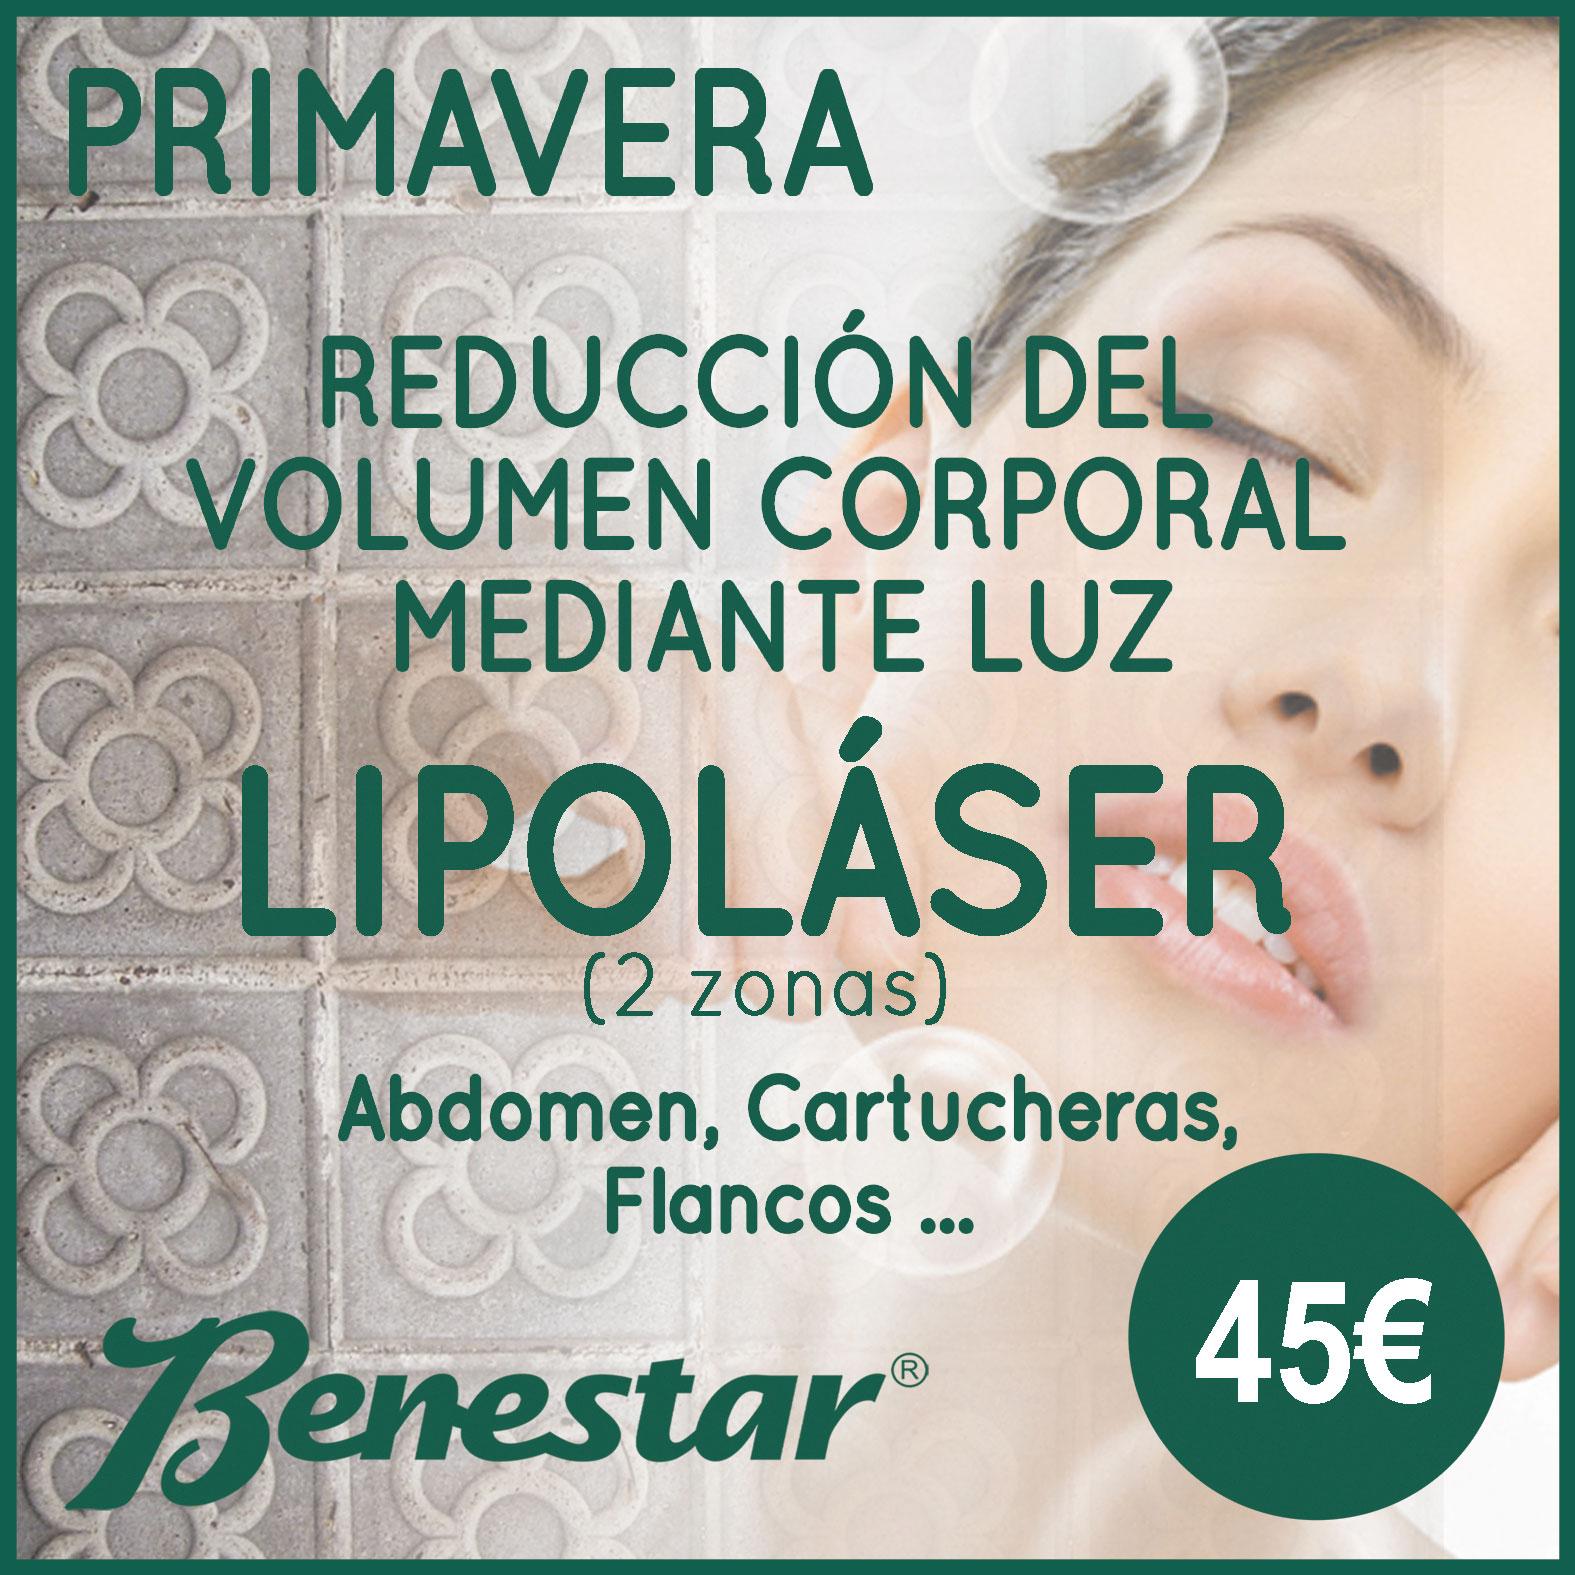 Lipolaser-centro-estetica-Barcelona